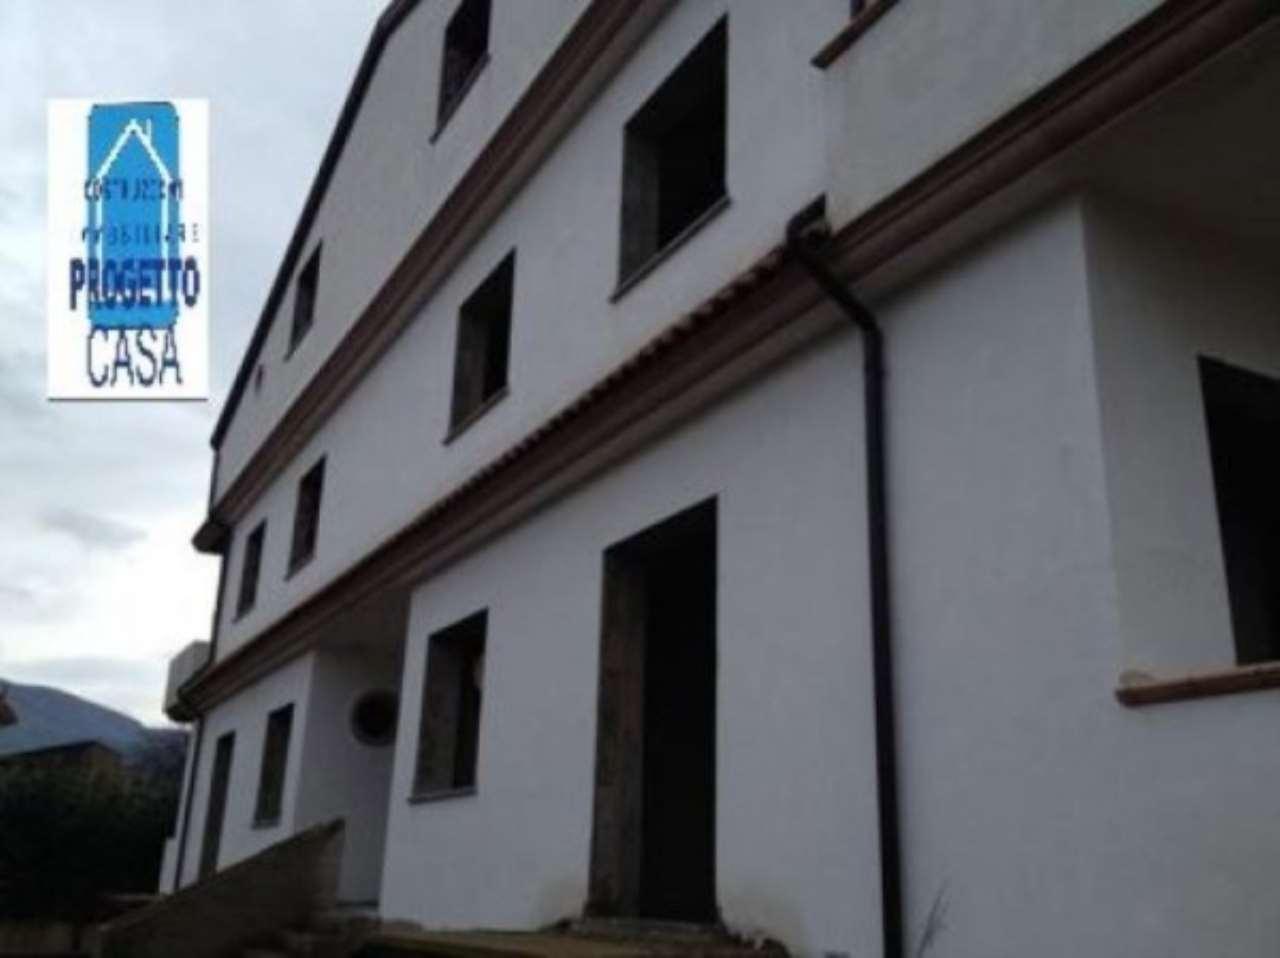 Palazzo / Stabile in vendita a Lauro, 15 locali, prezzo € 500.000 | Cambio Casa.it